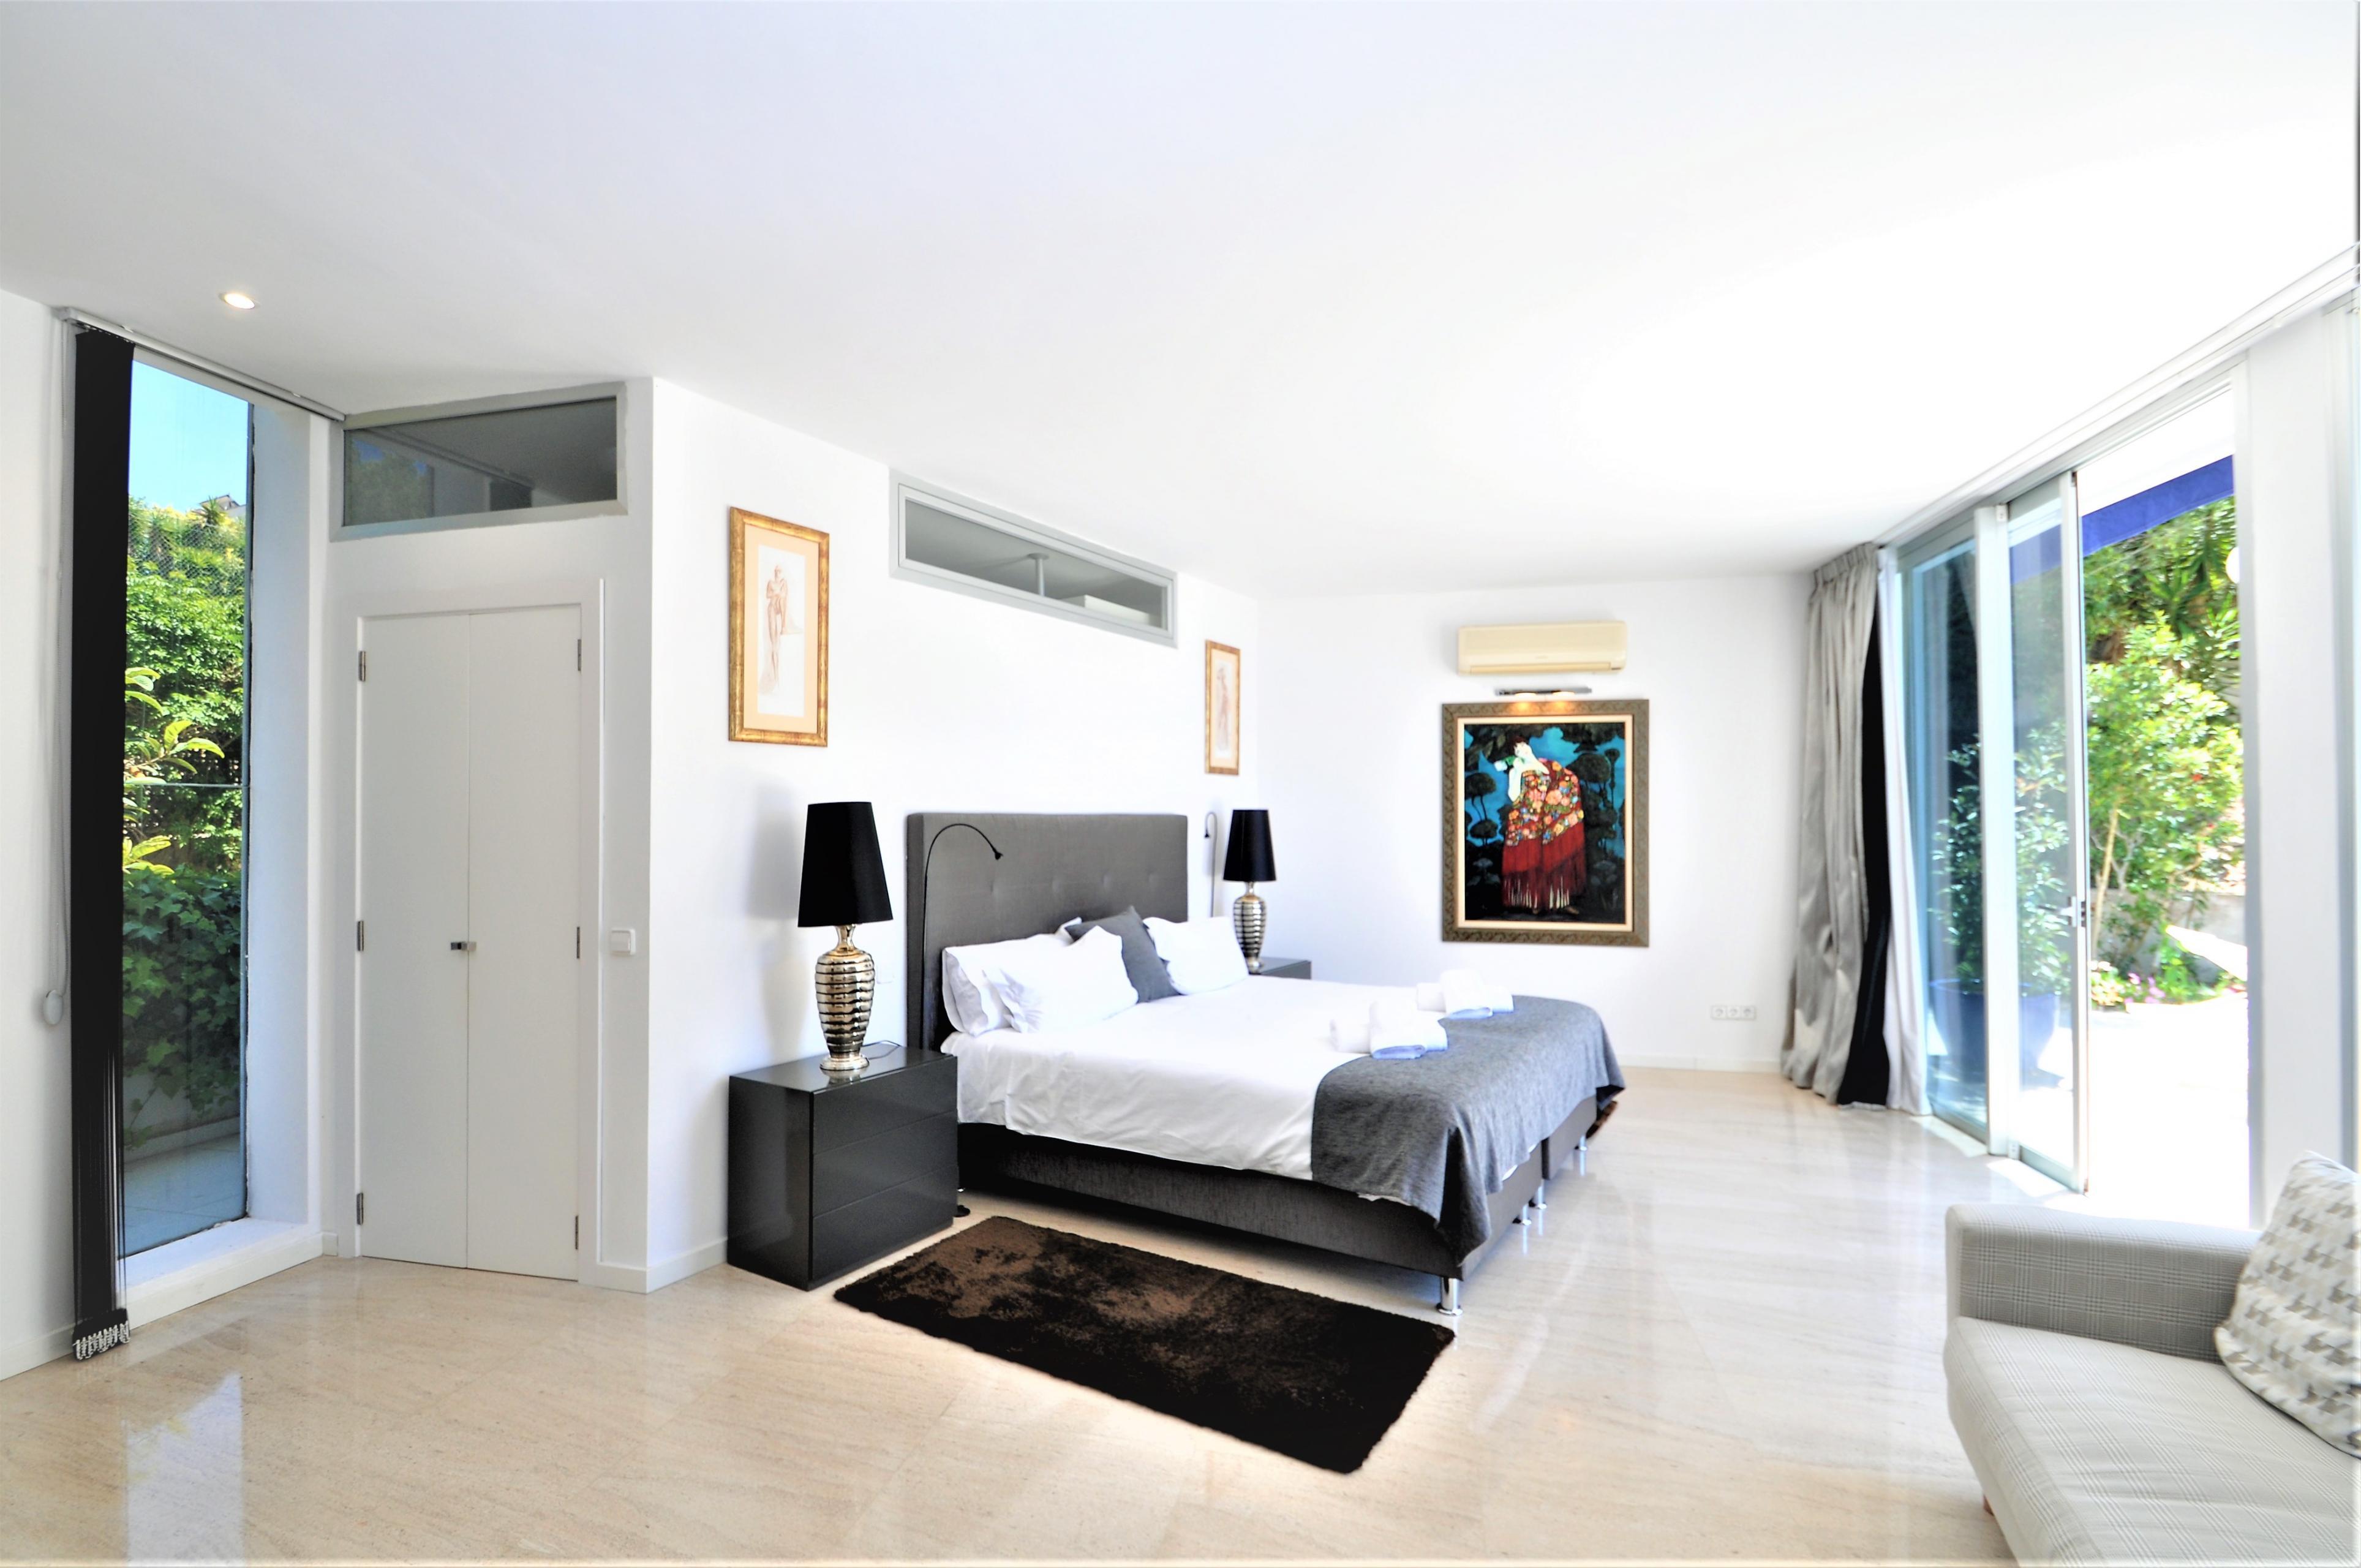 Maison de vacances VILLA BAY BLUE- Bahia Azul- Mallorca - VILLAONLINE - Kostenloses WLAN (2684052), Bahia Azul, Majorque, Iles Baléares, Espagne, image 28